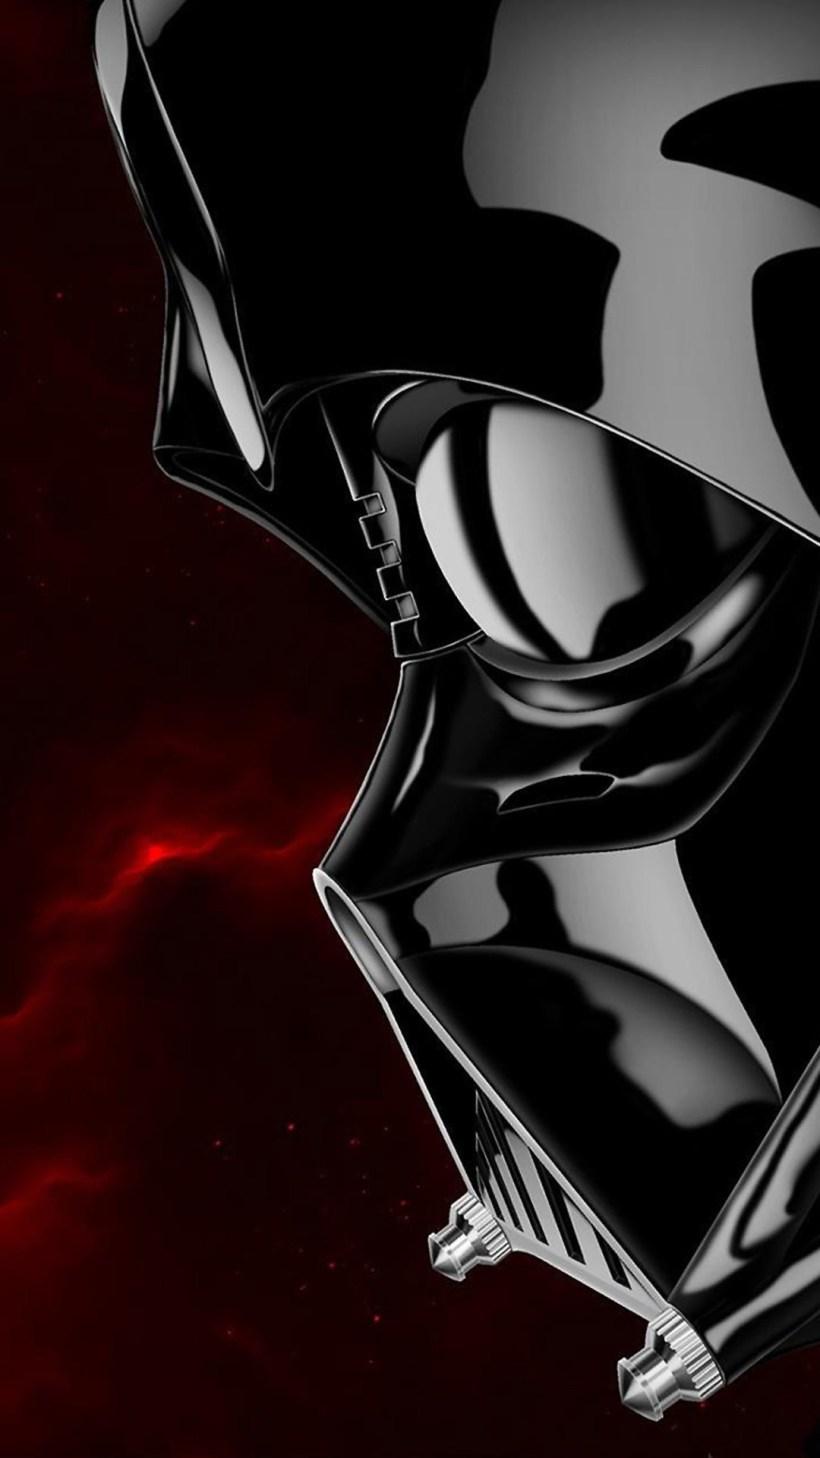 Las Dos Reinas Es Una Cinta Biografica Android Star Wars Live Wallpaper